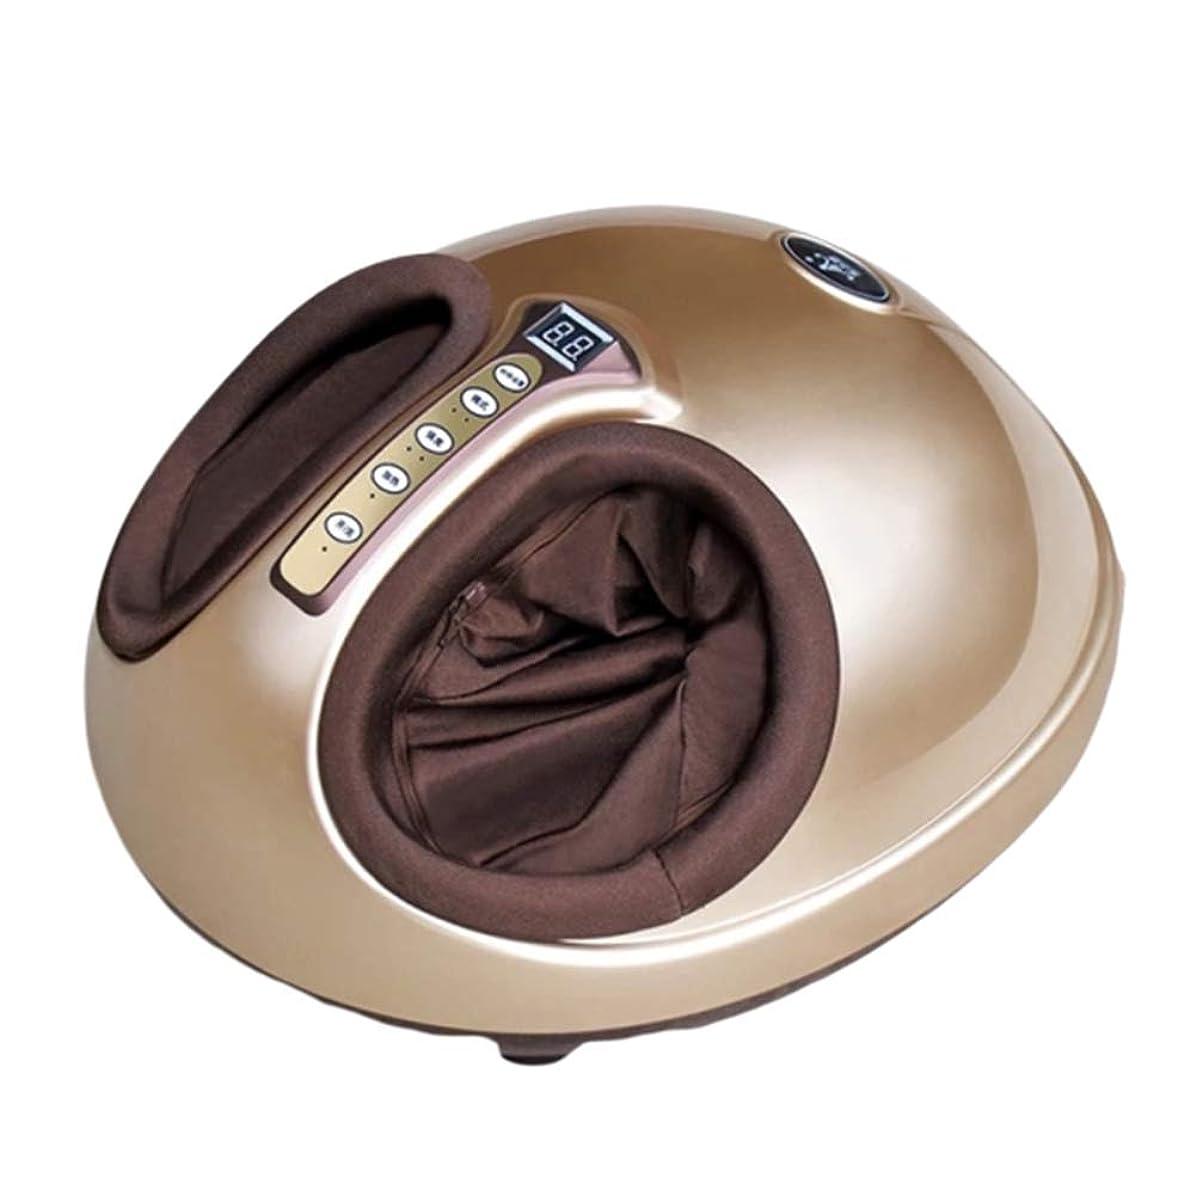 角度削る引き潮指圧フットマッサージャー、熱ローリング、電動圧縮、スクレーピング、リモートコントロール付き筋肉緩和足底筋膜炎のための磁気療法を備えた電動ディープニーディングマッサージャー